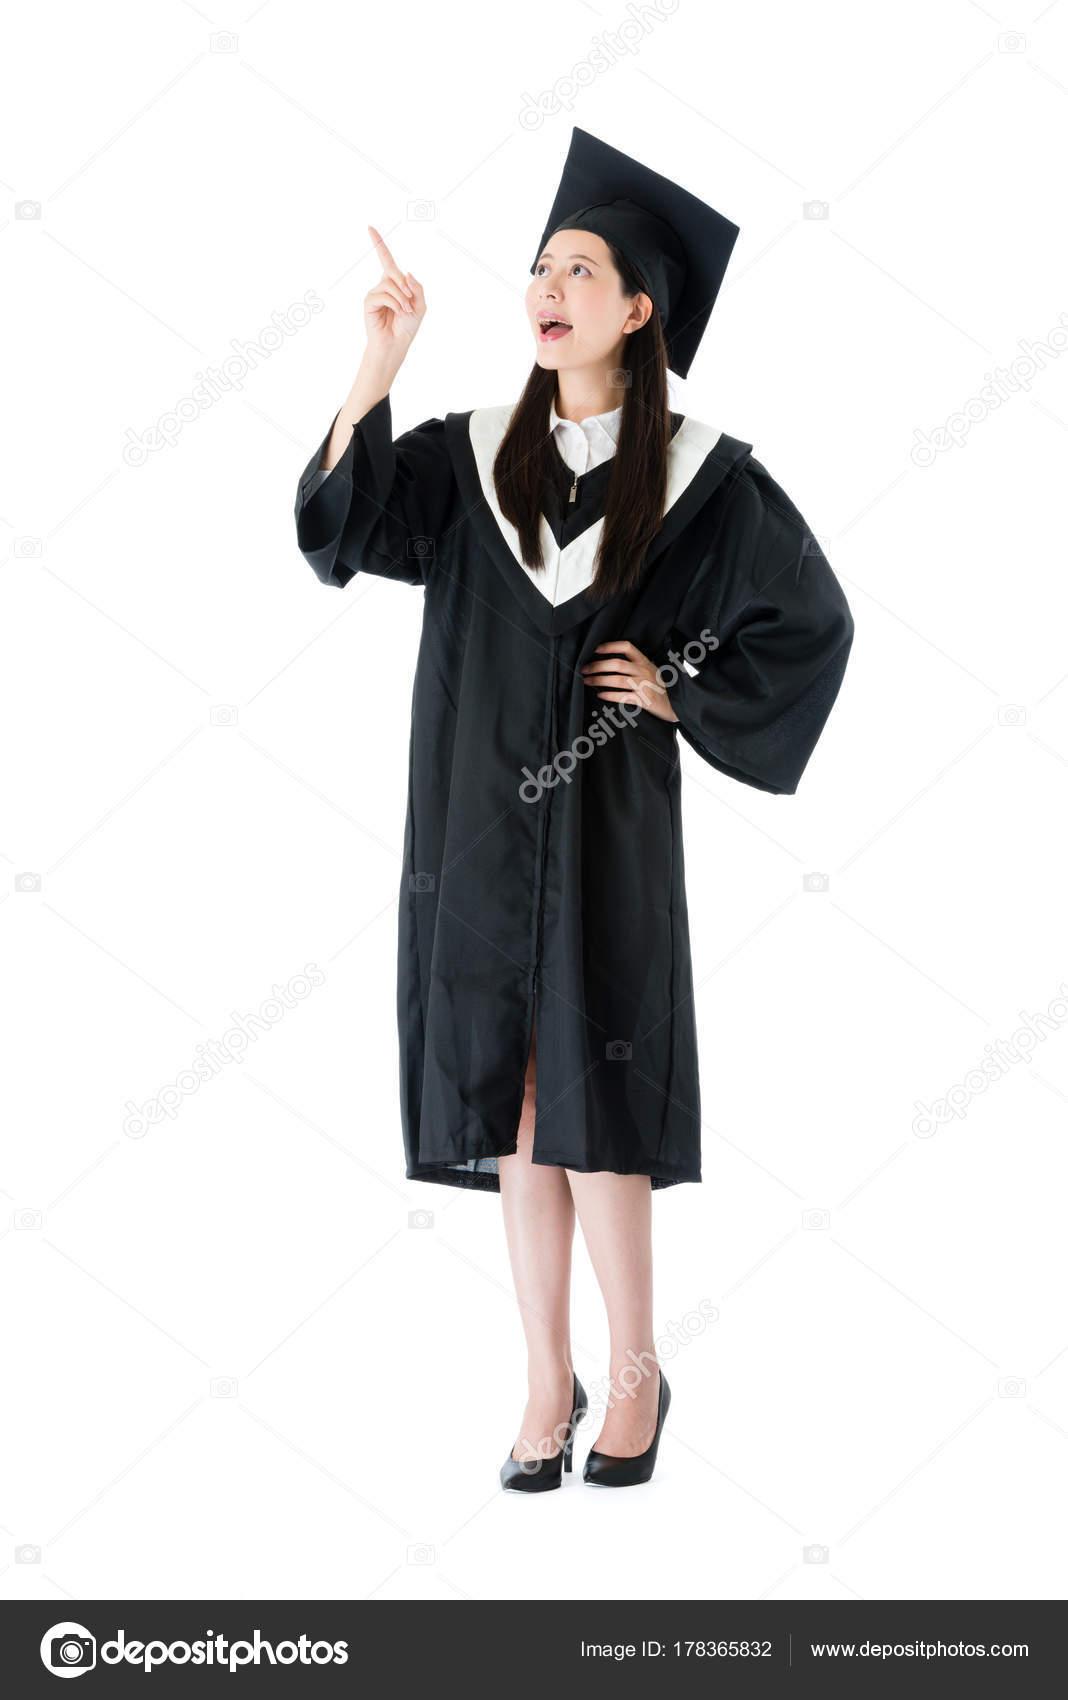 6c5658fcb Graduado de una Universidad de chica de belleza feliz estudiante tener  buena idea plan para futuro aislado sobre fondo blanco — Foto de ...